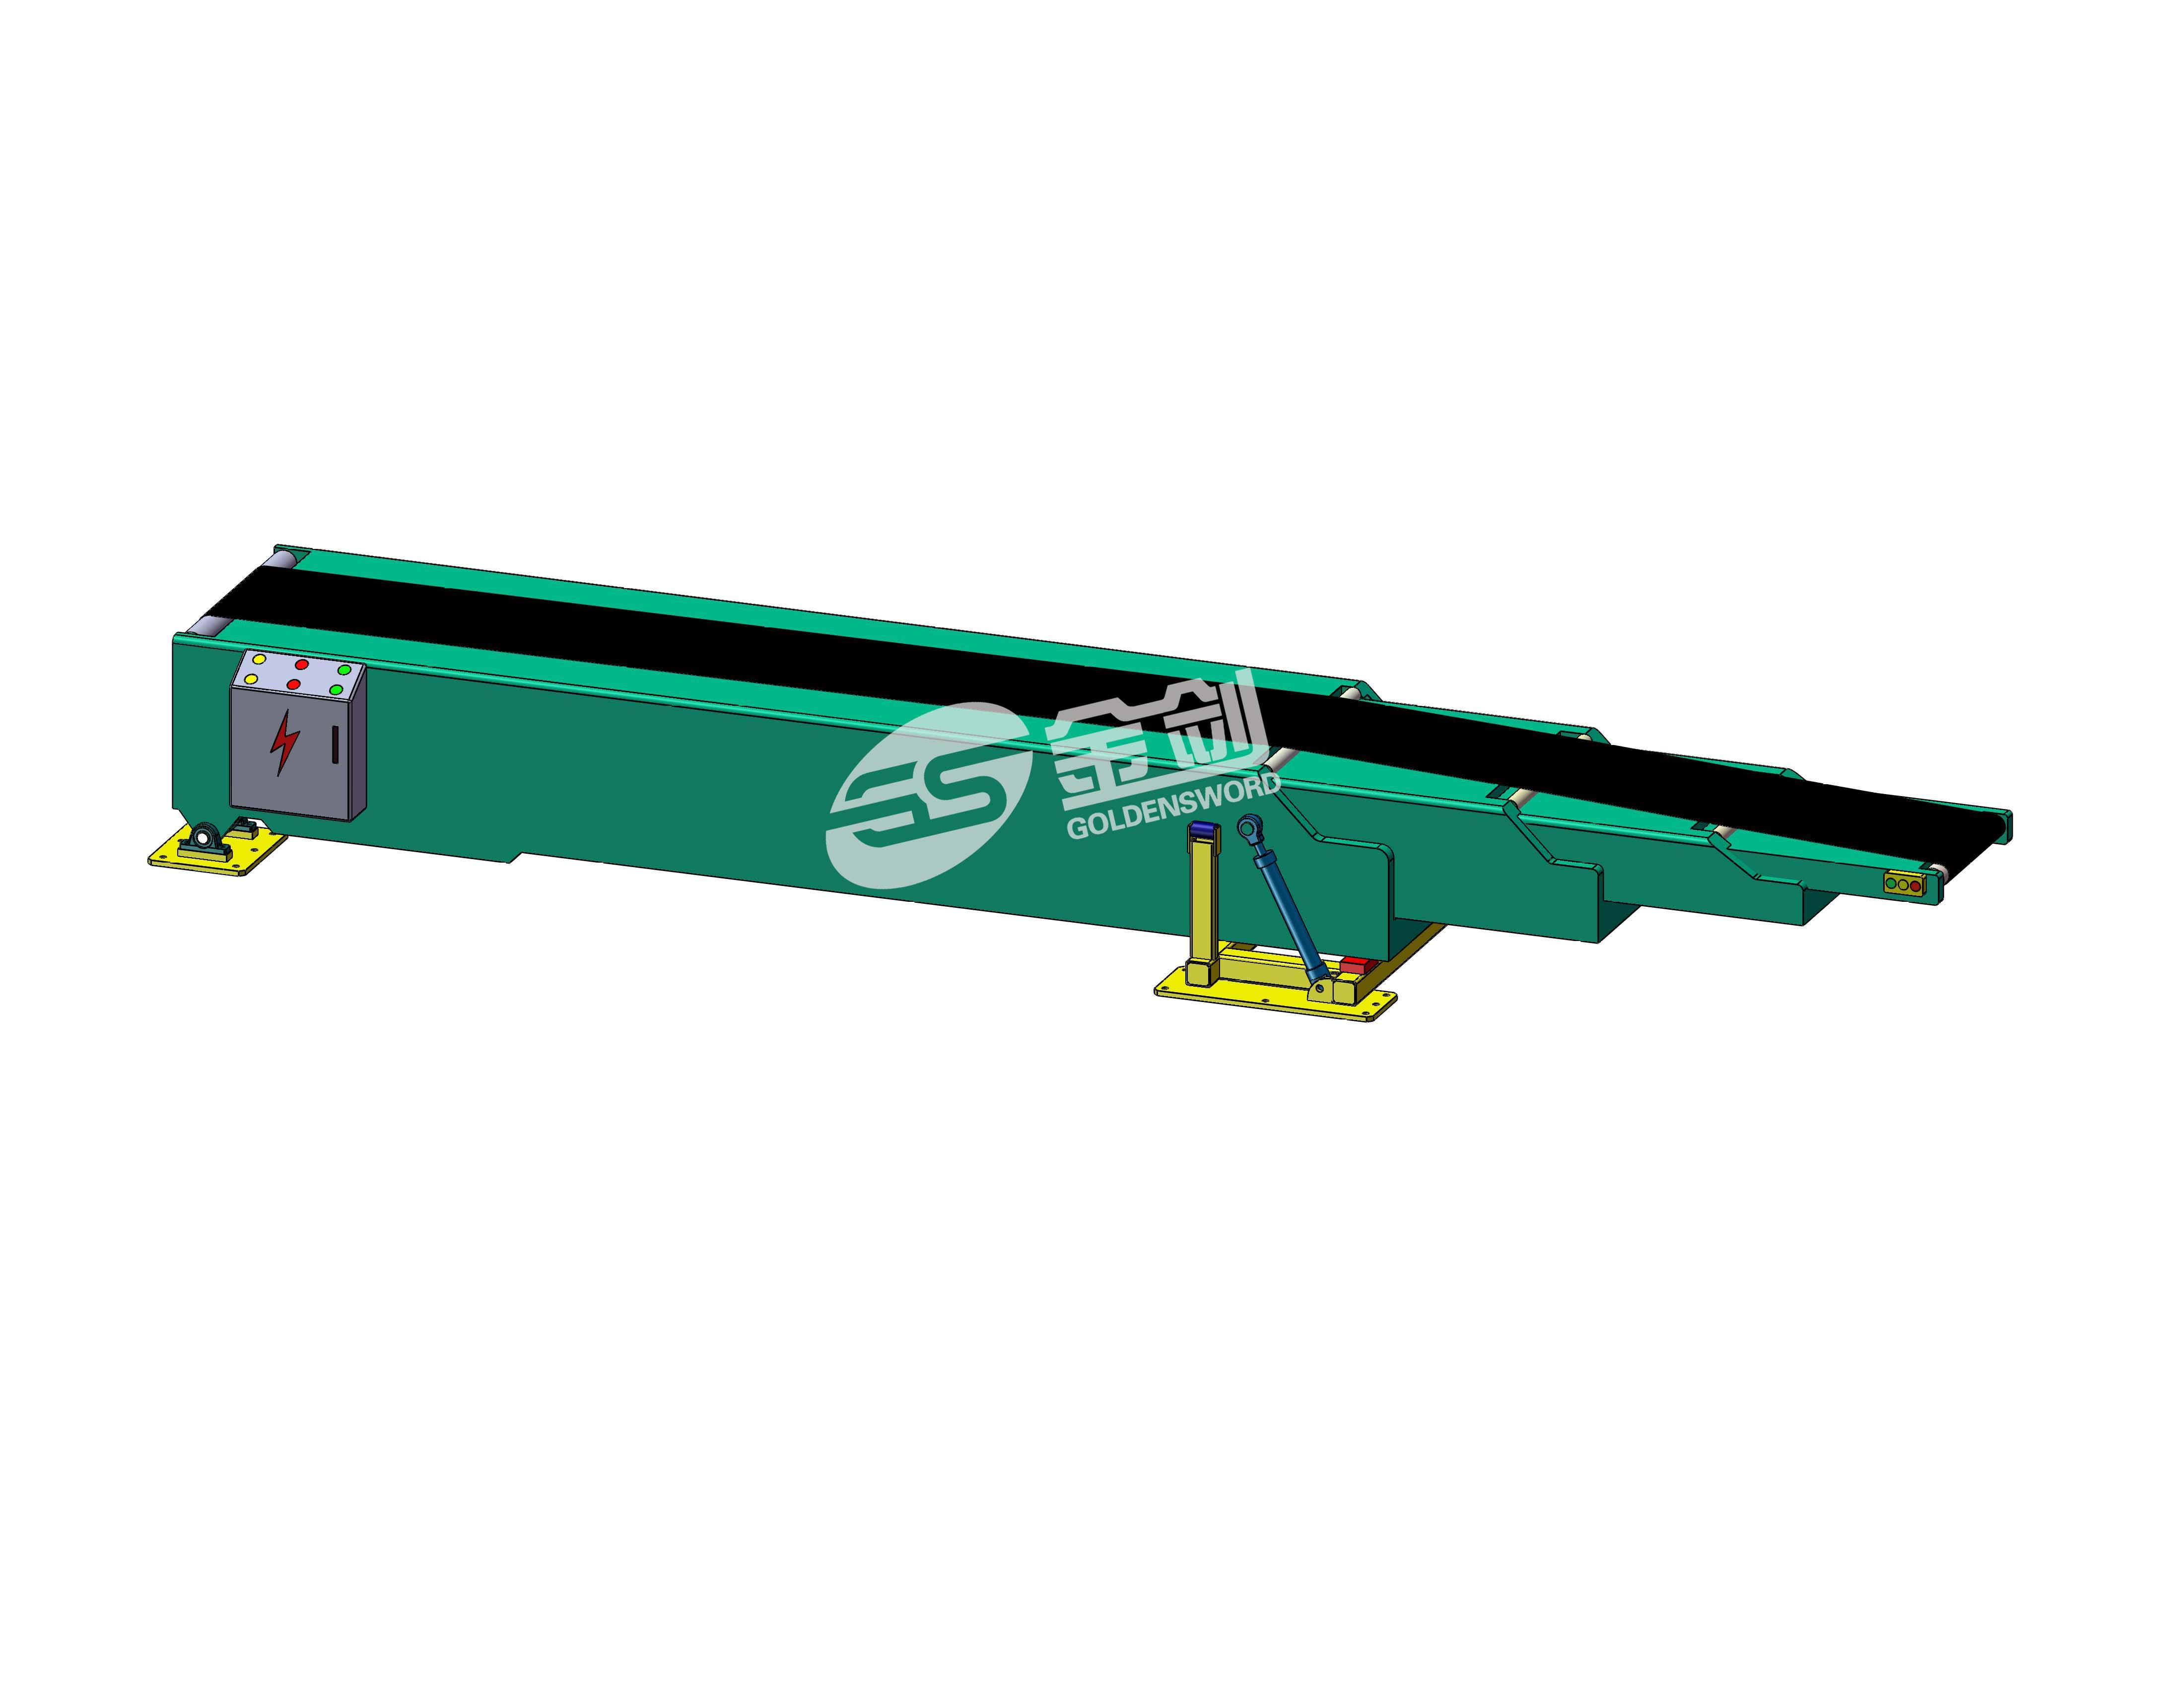 > 厂家供应伸缩皮带机 弯道皮带输送机 裙边皮带输送机 传送带输送机